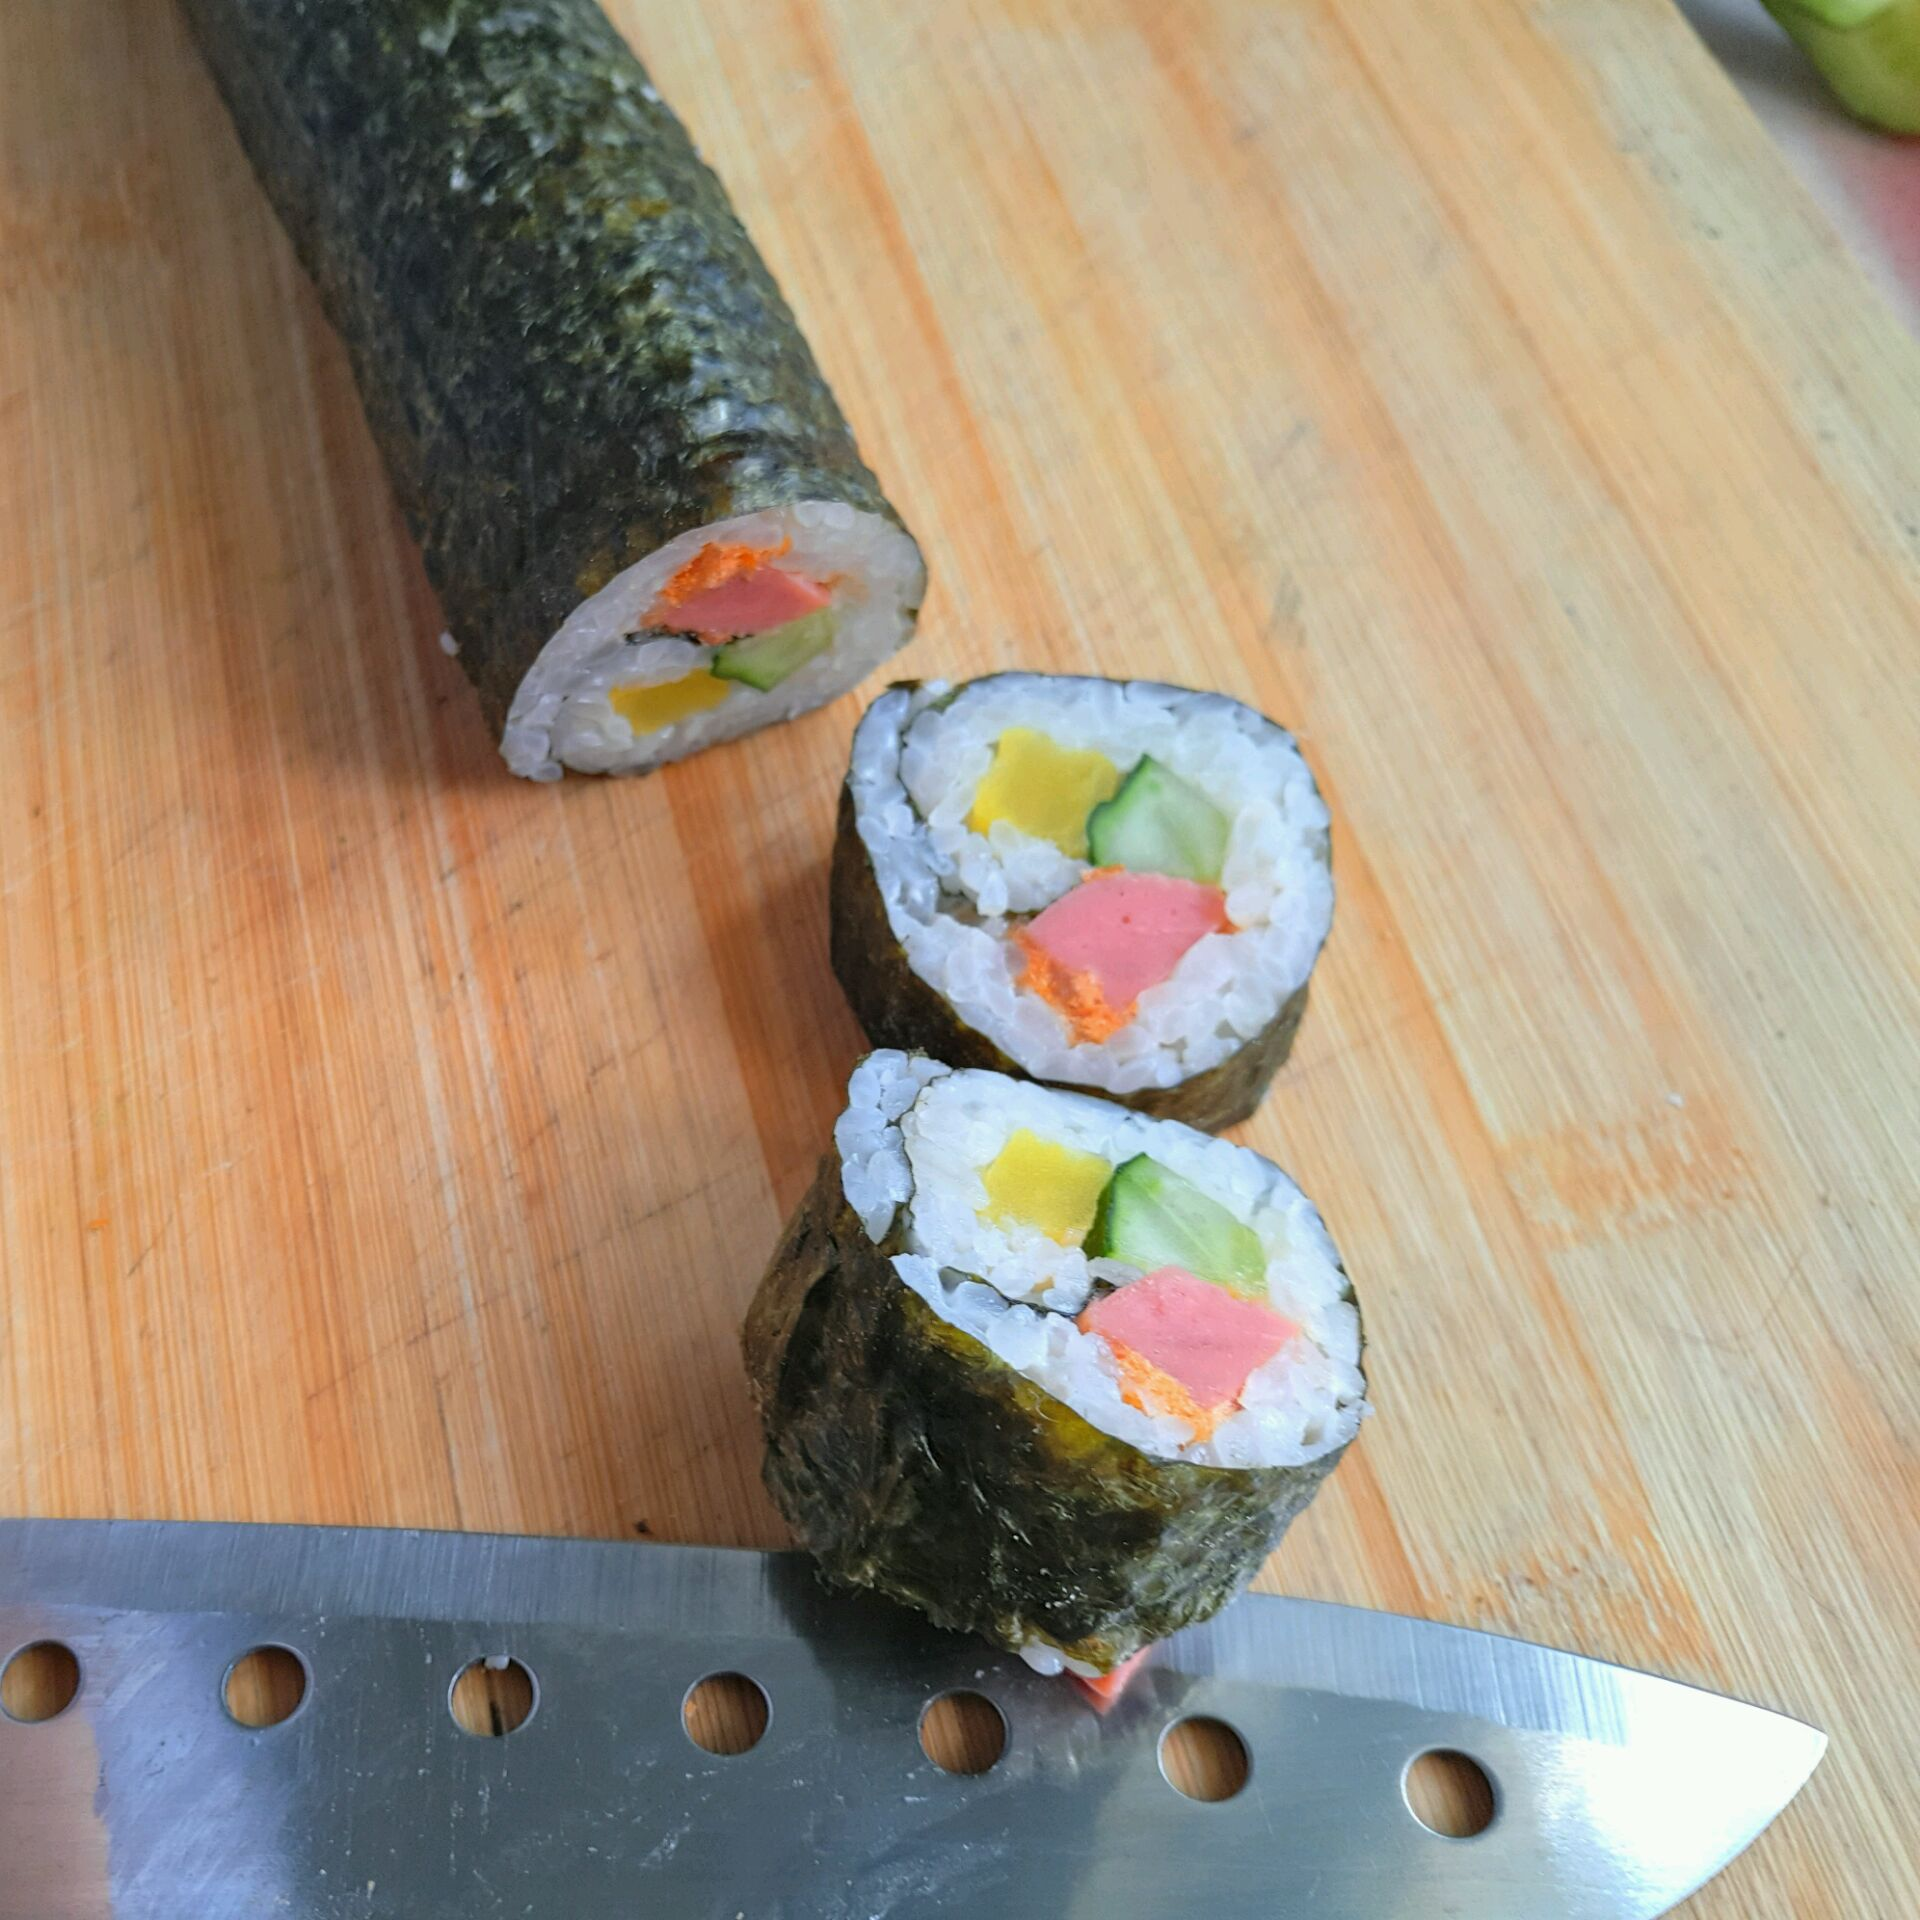 寿司的做法步骤 铺上用醋拌好的饭,黄瓜,火腿肠,调味萝卜